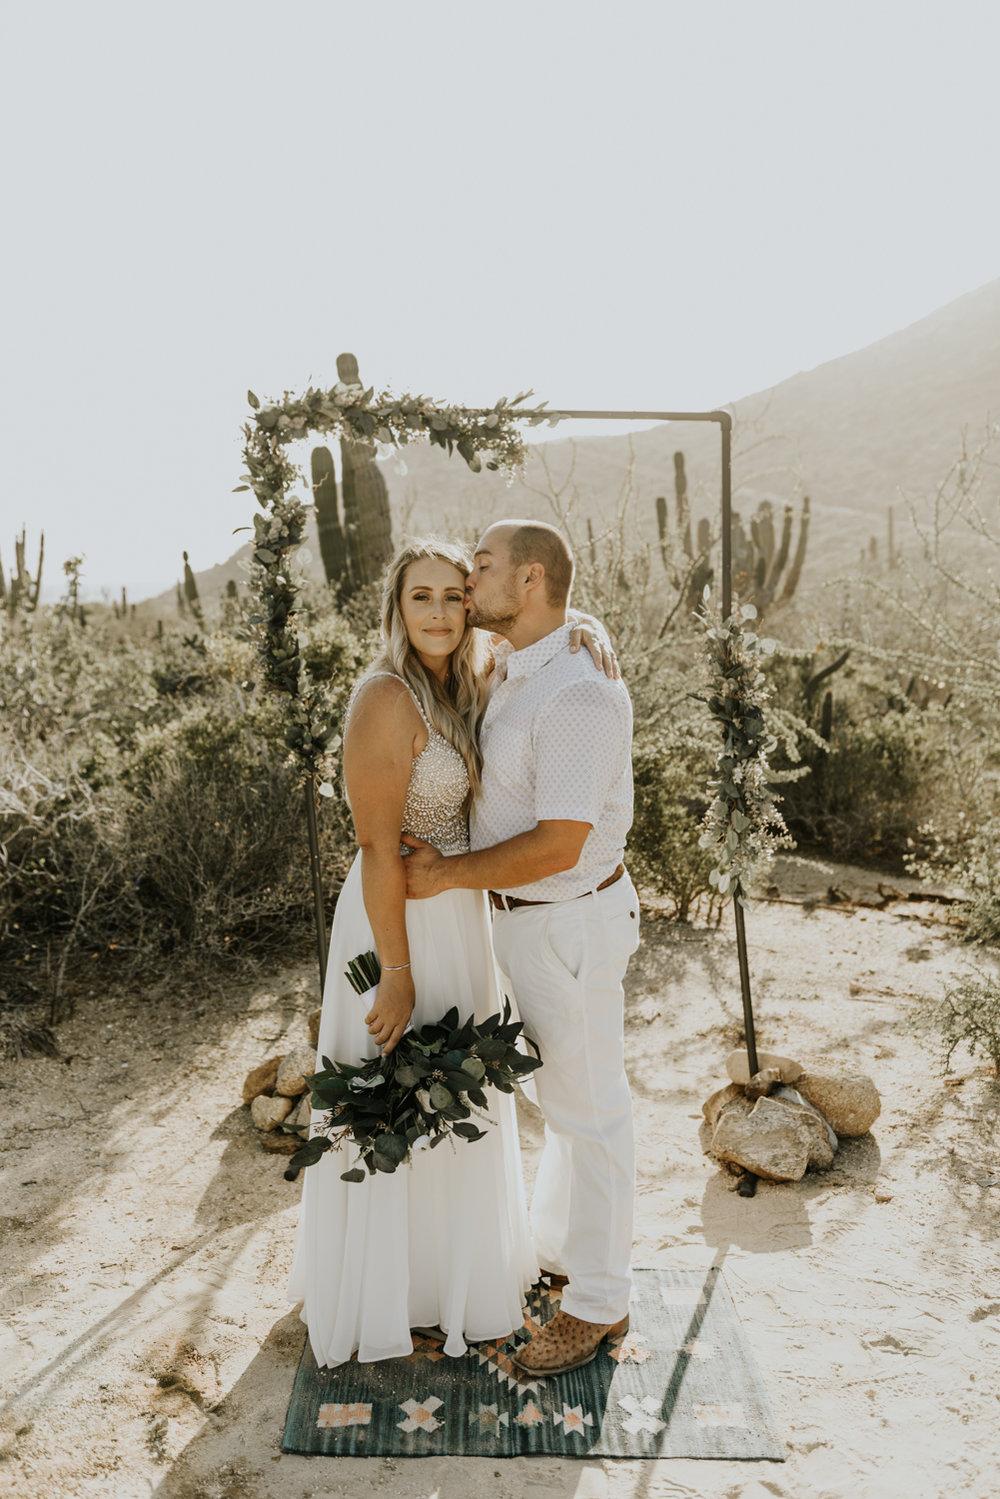 Intimate Wedding photos in Todos Santos, Baja California Sur, Mexico